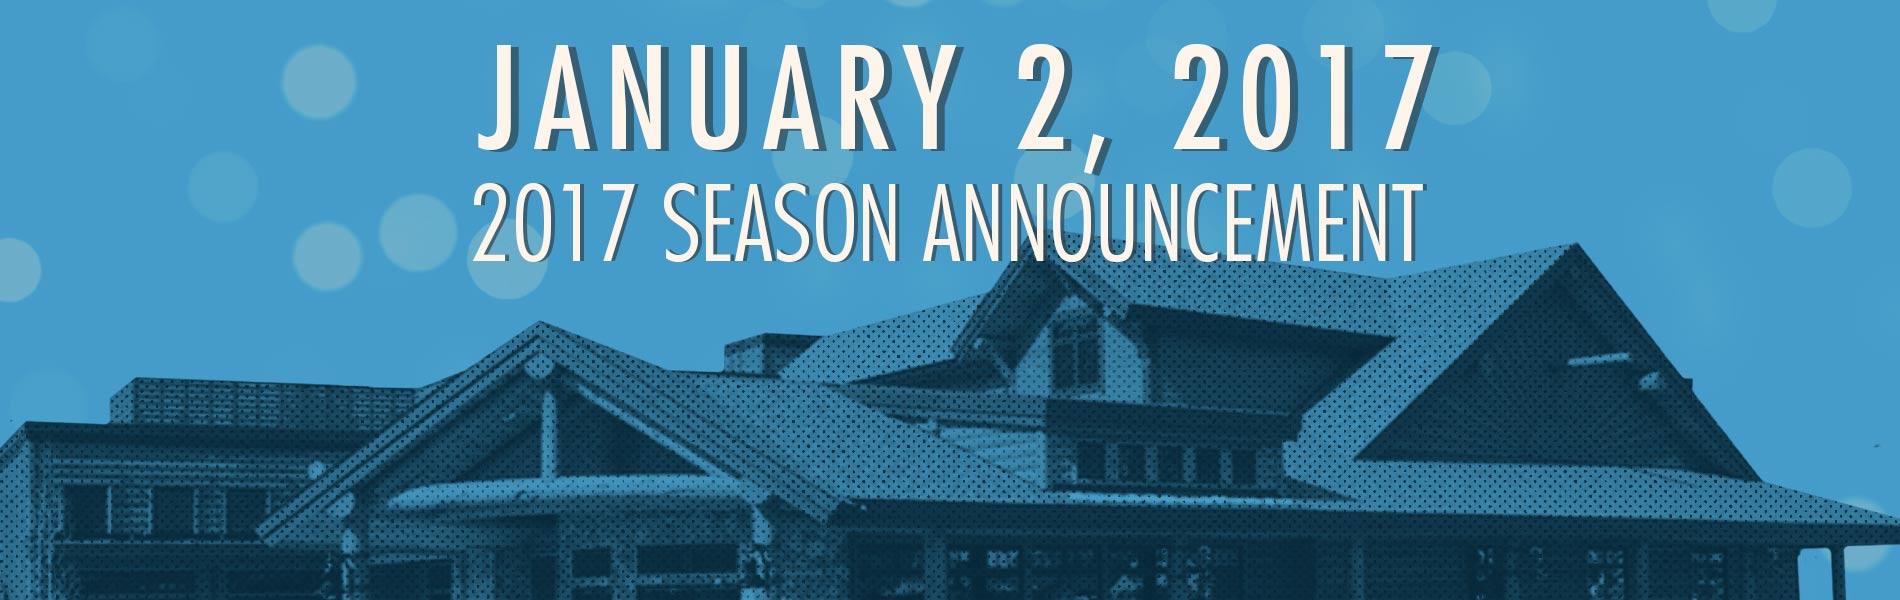 rmrt-season-announcement-banner